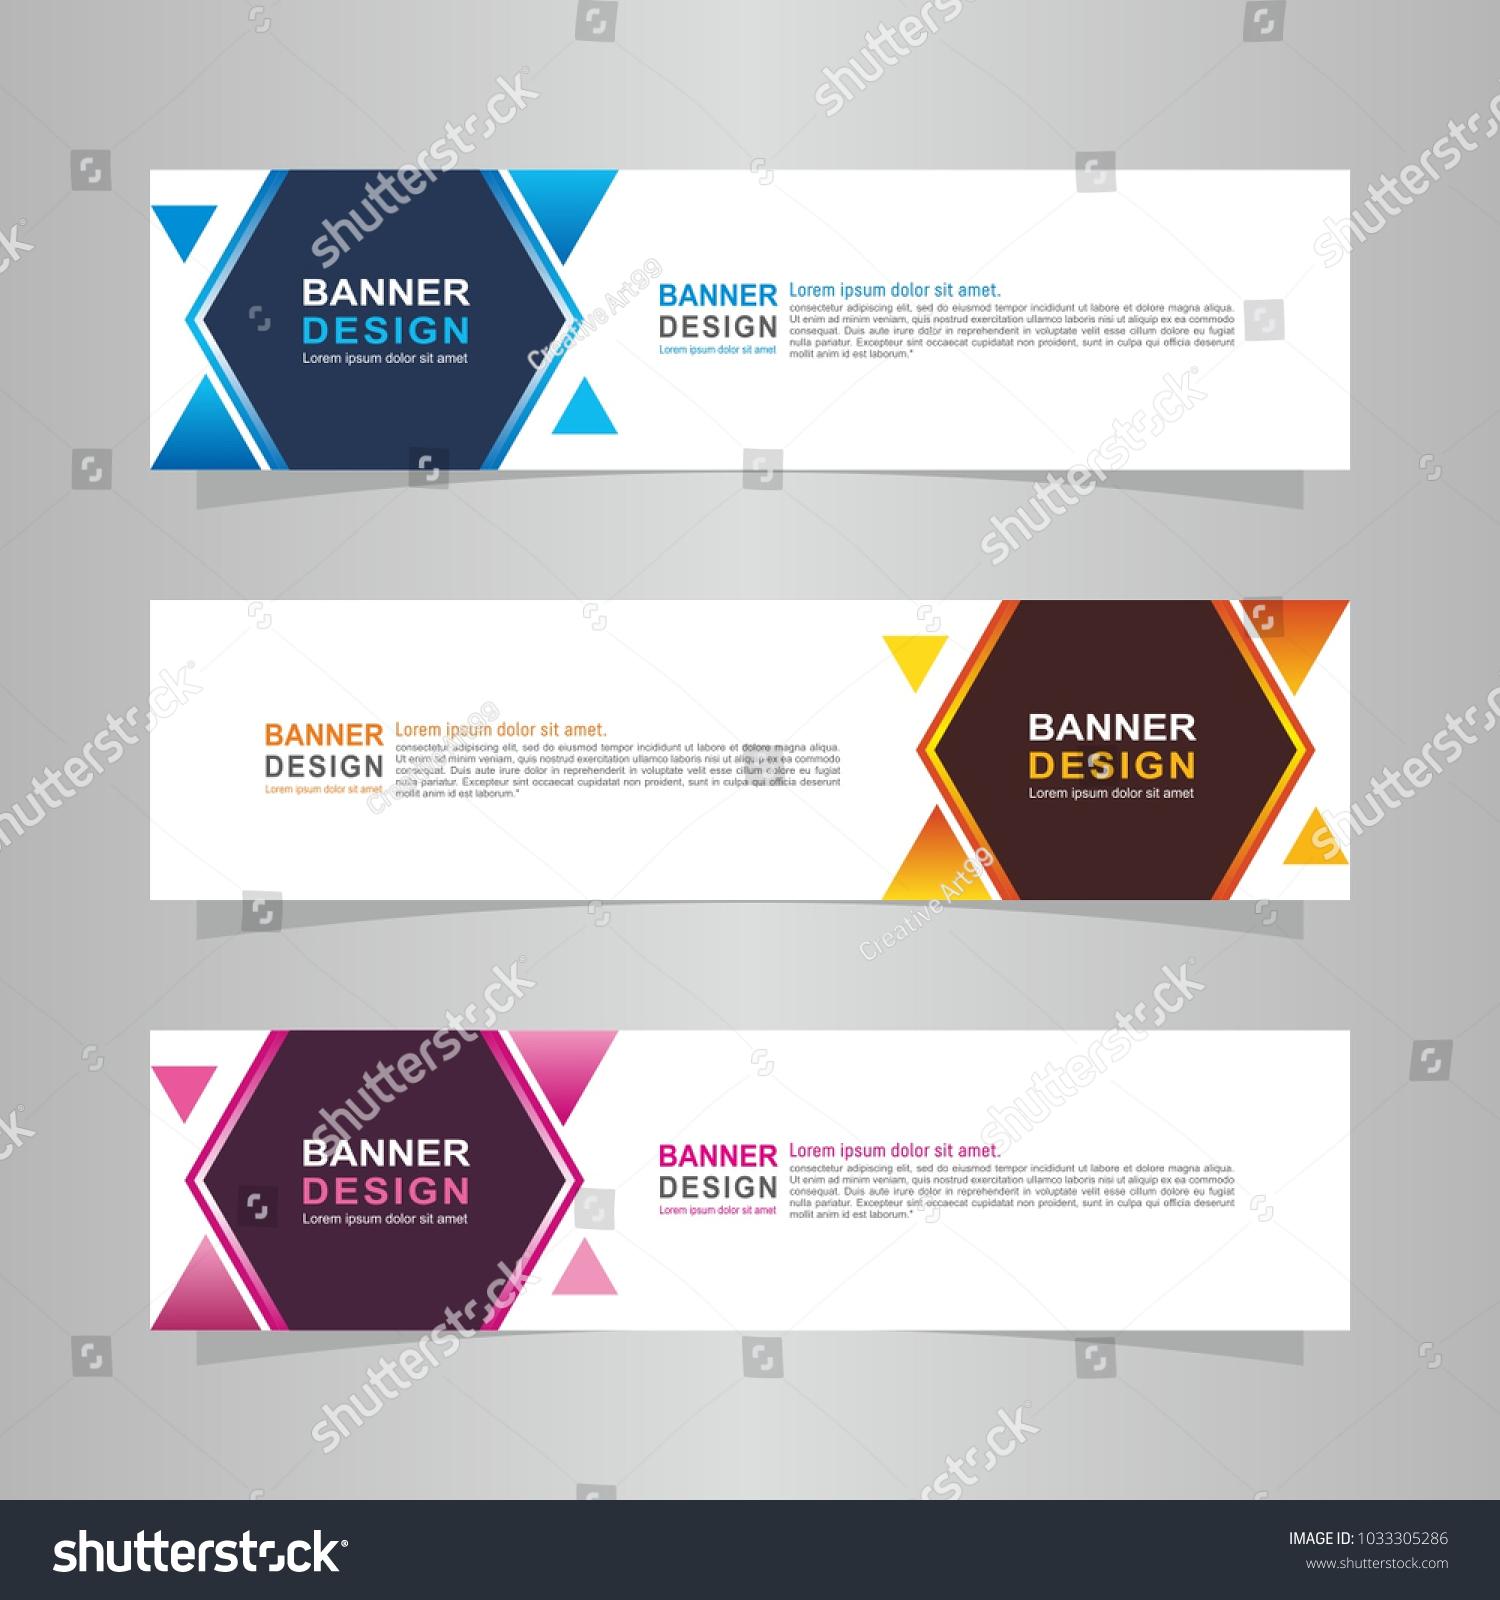 Fantastisch Beispiel Graphic Design Vorschlag Fotos - Bilder für das ...